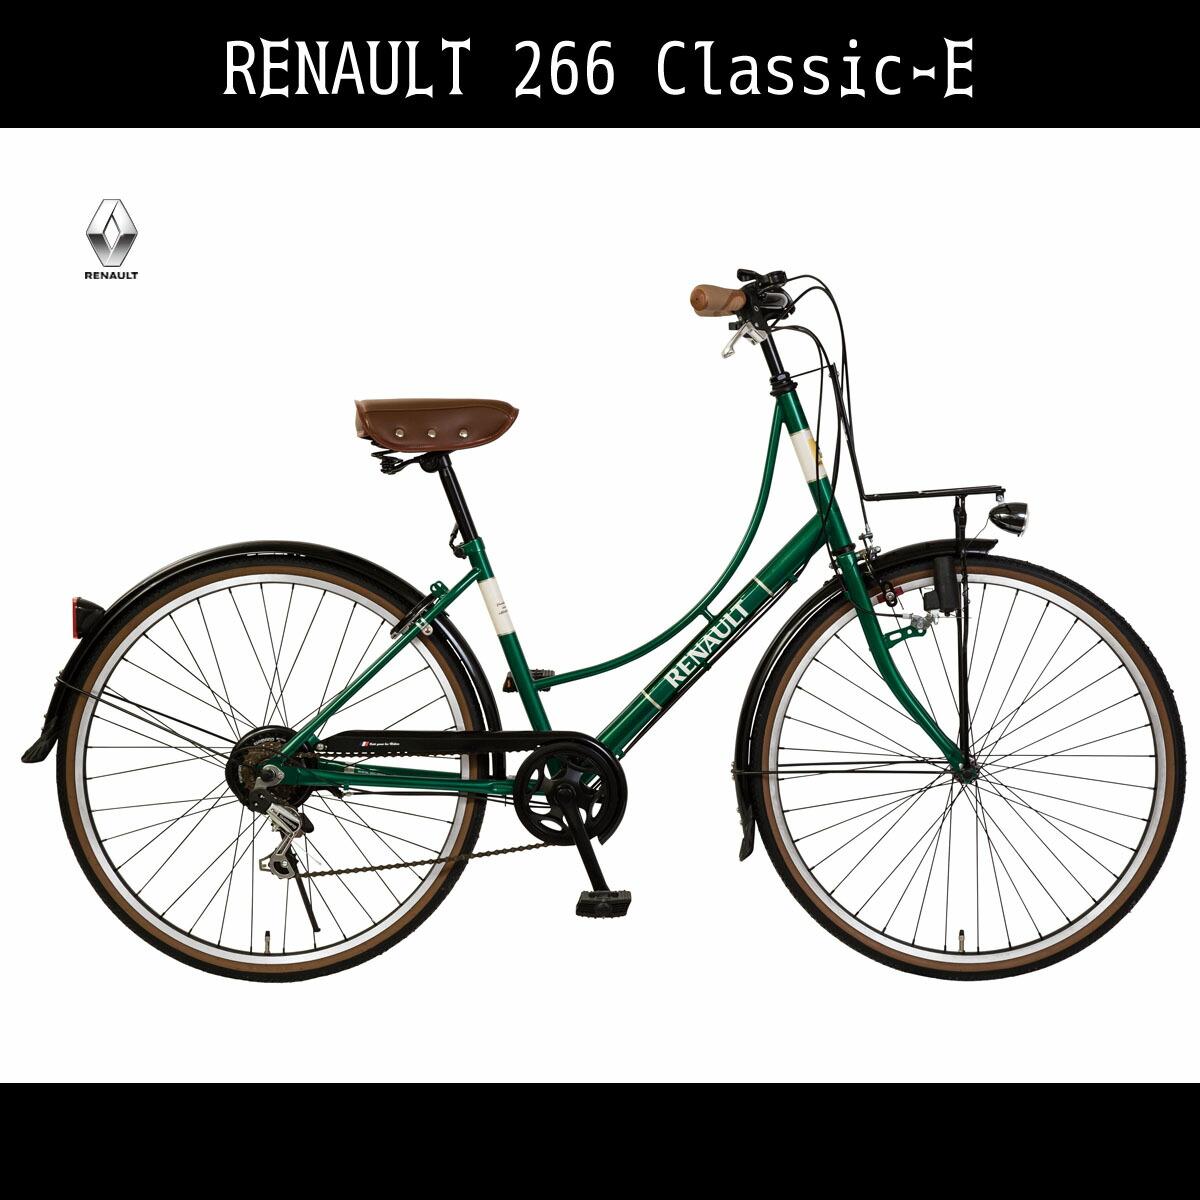 雨の日も安心 傘固定器具付 さすべえセット 自転車 ルノー RENAULT グリーン 緑 シティサイクル 26インチ 自転車 外装6段変速ギア付き LEDライト ローラーブレーキ 鍵付き 自転車 ルノー ママチャリ 266L Classic-E